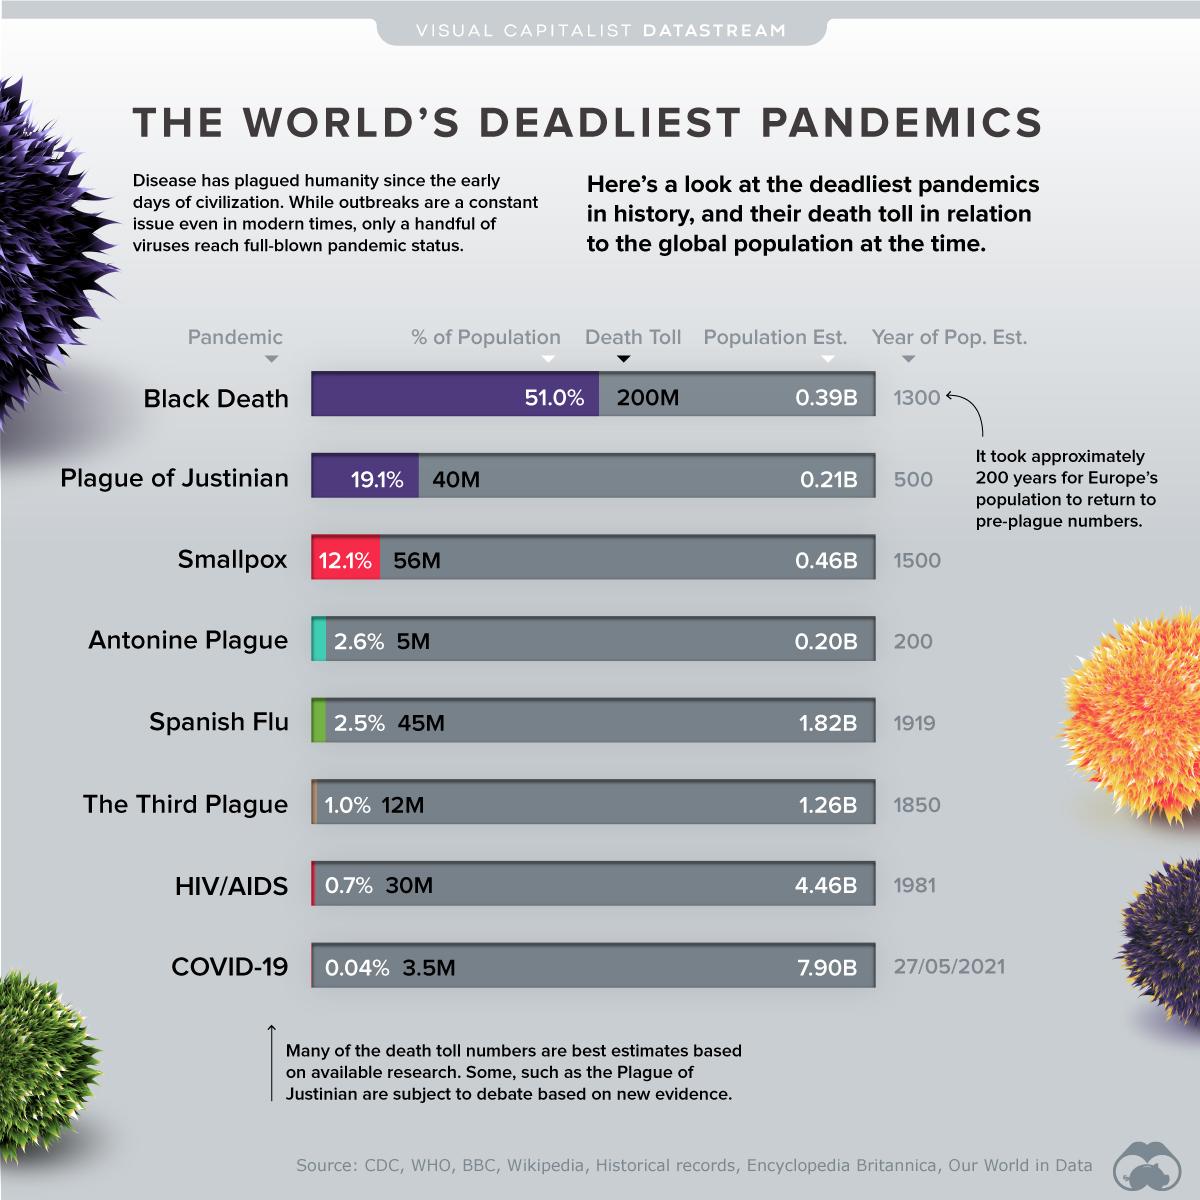 World's Deadliest Pandemics